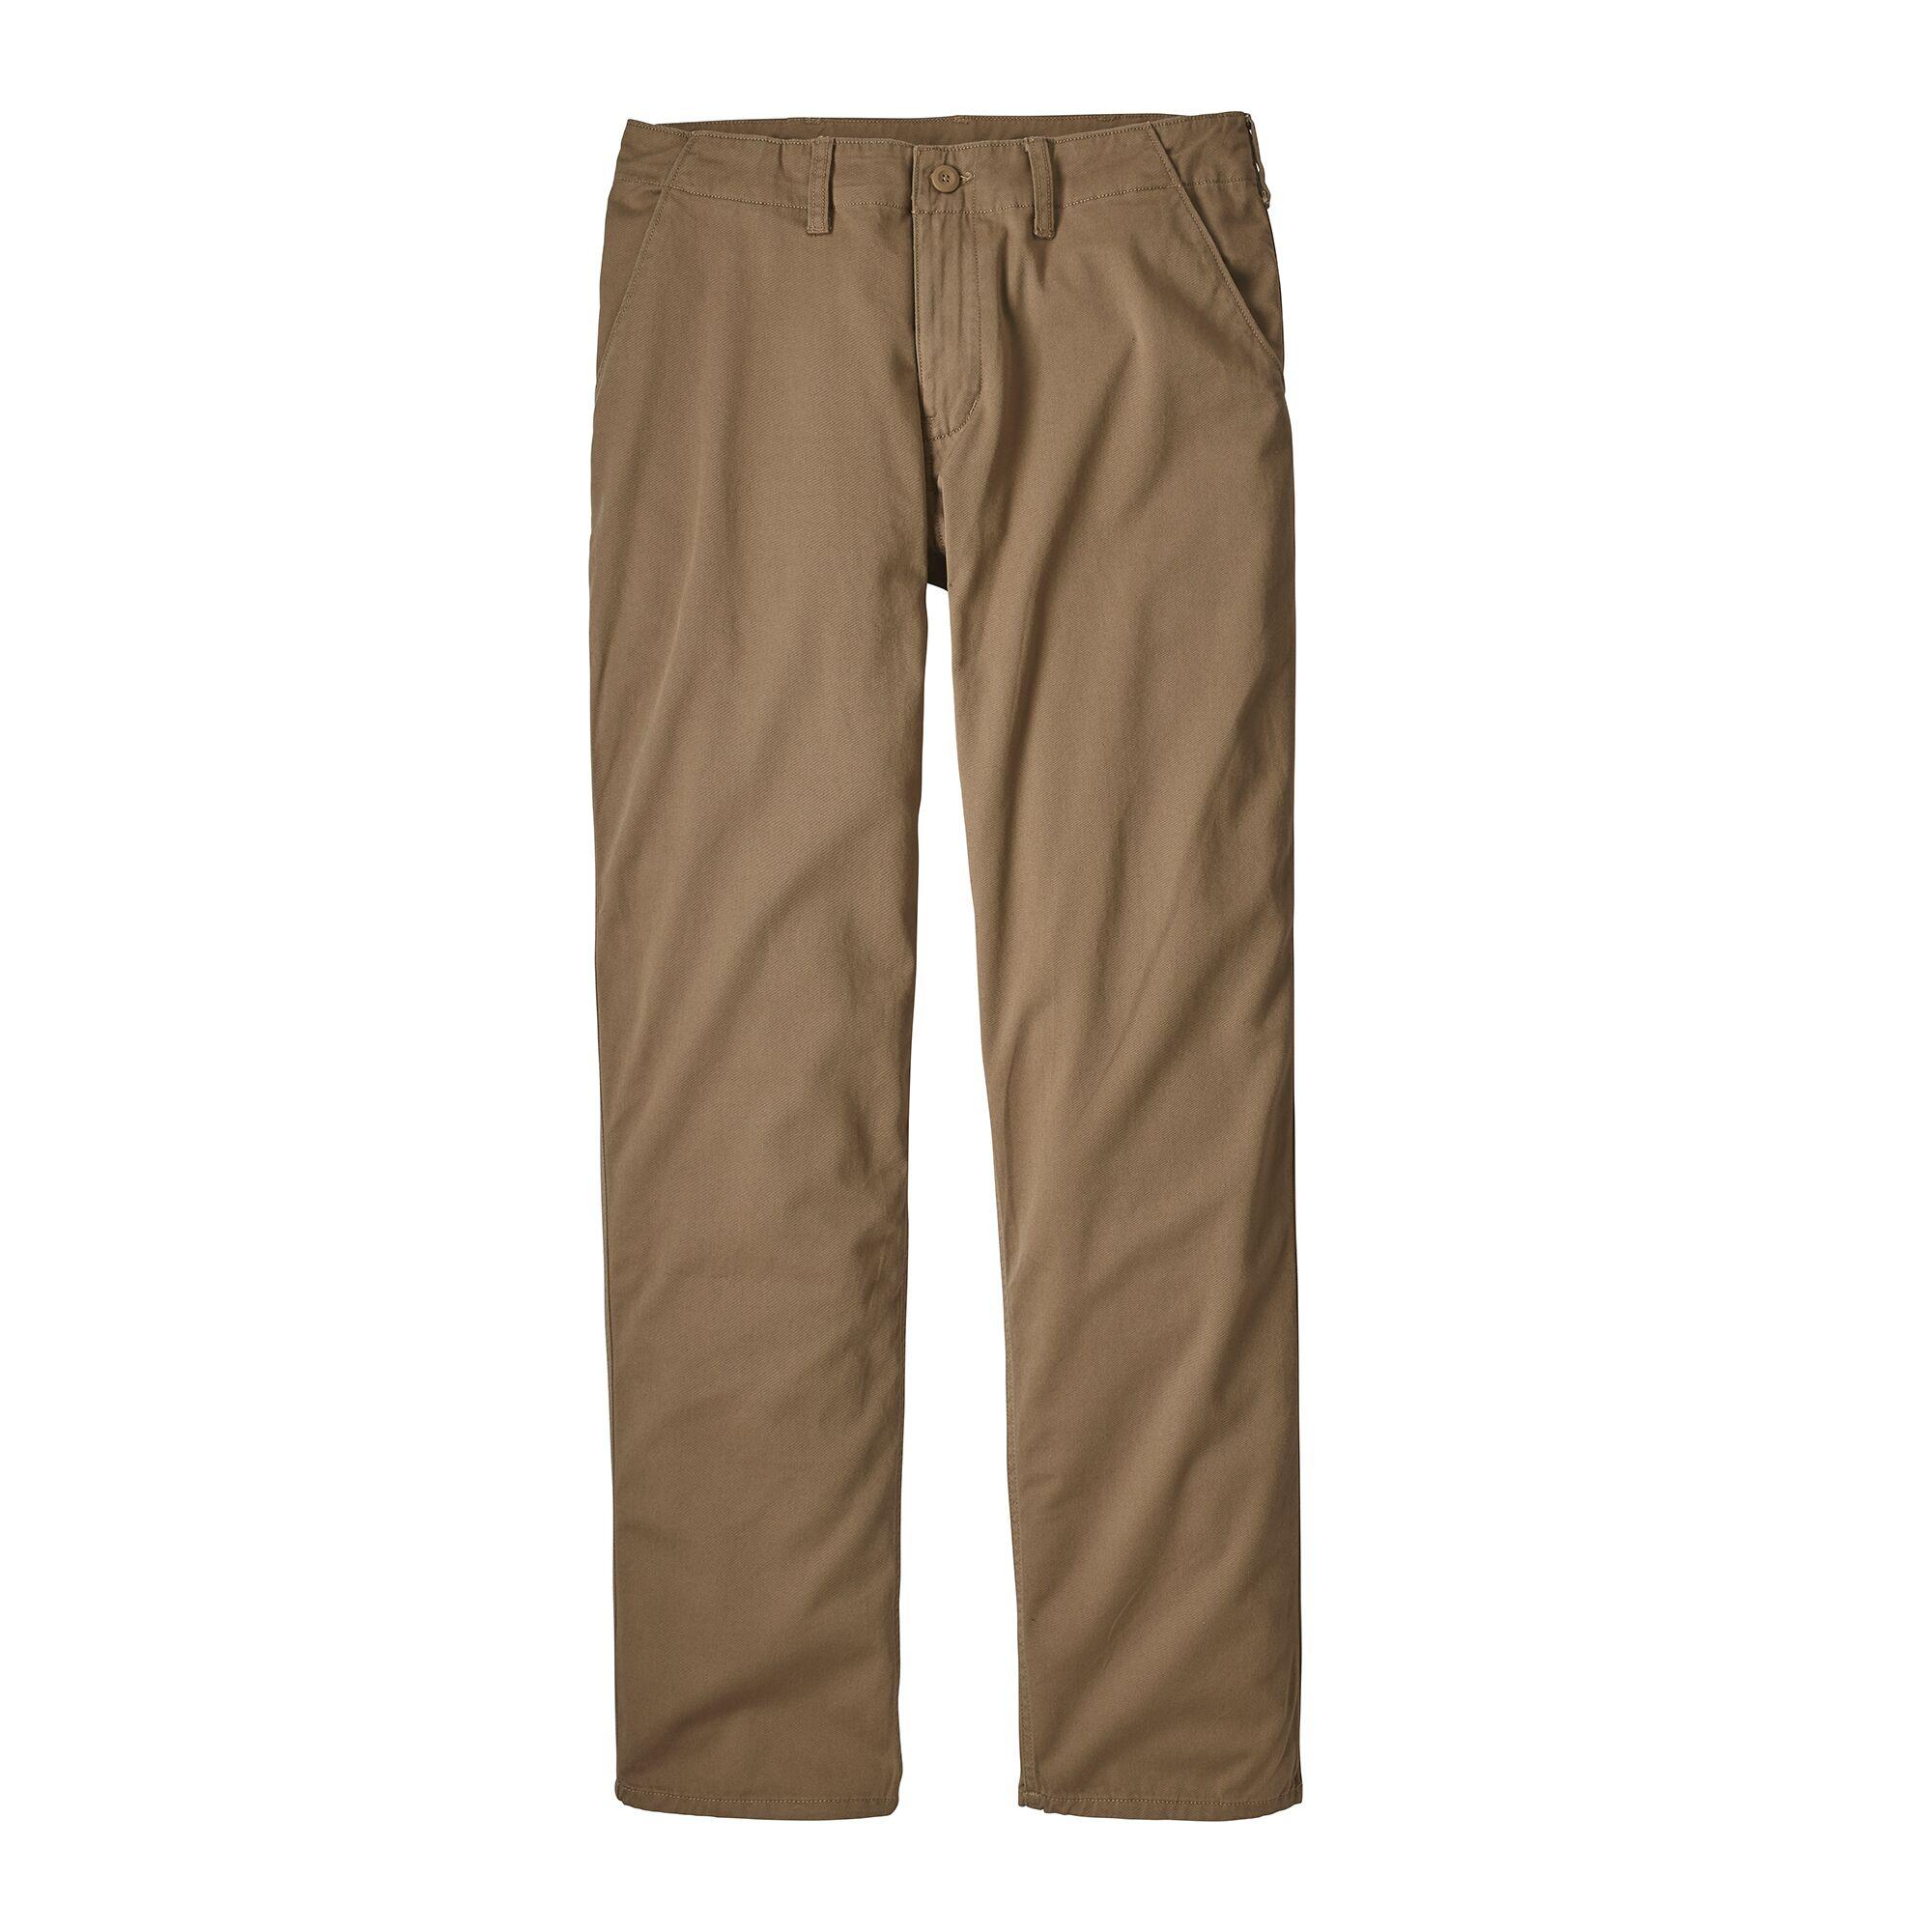 Patagonia Men's Four Canyons Twill Pants - Regular (56060)